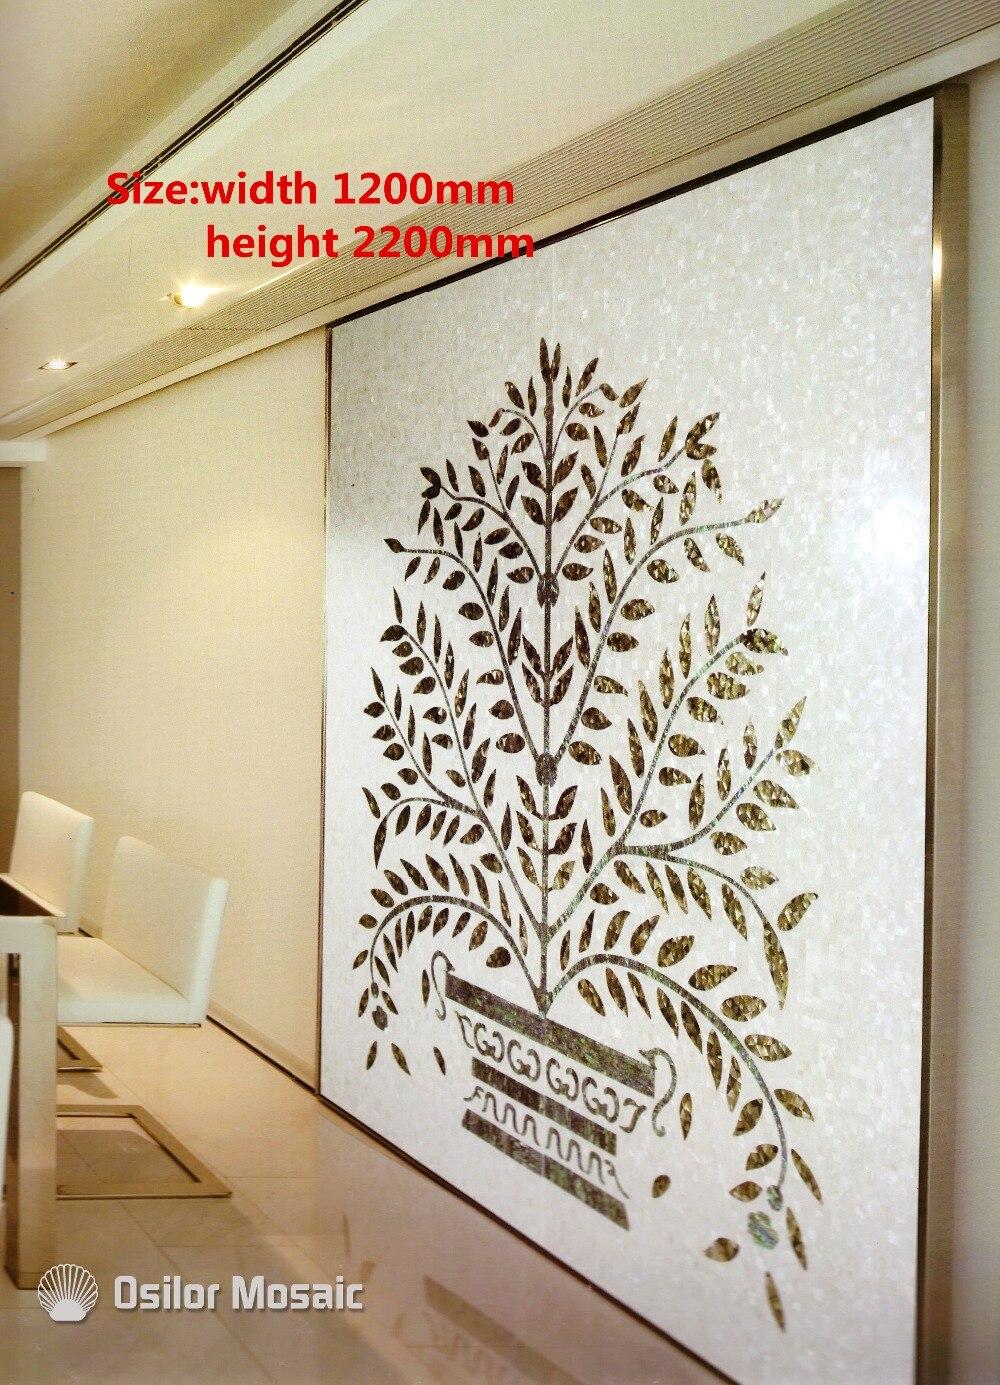 Personnalisé à la main mosaïque art mère de perle mosaïque tuile art peintures murales pour intérieur maison décoration arbre motif